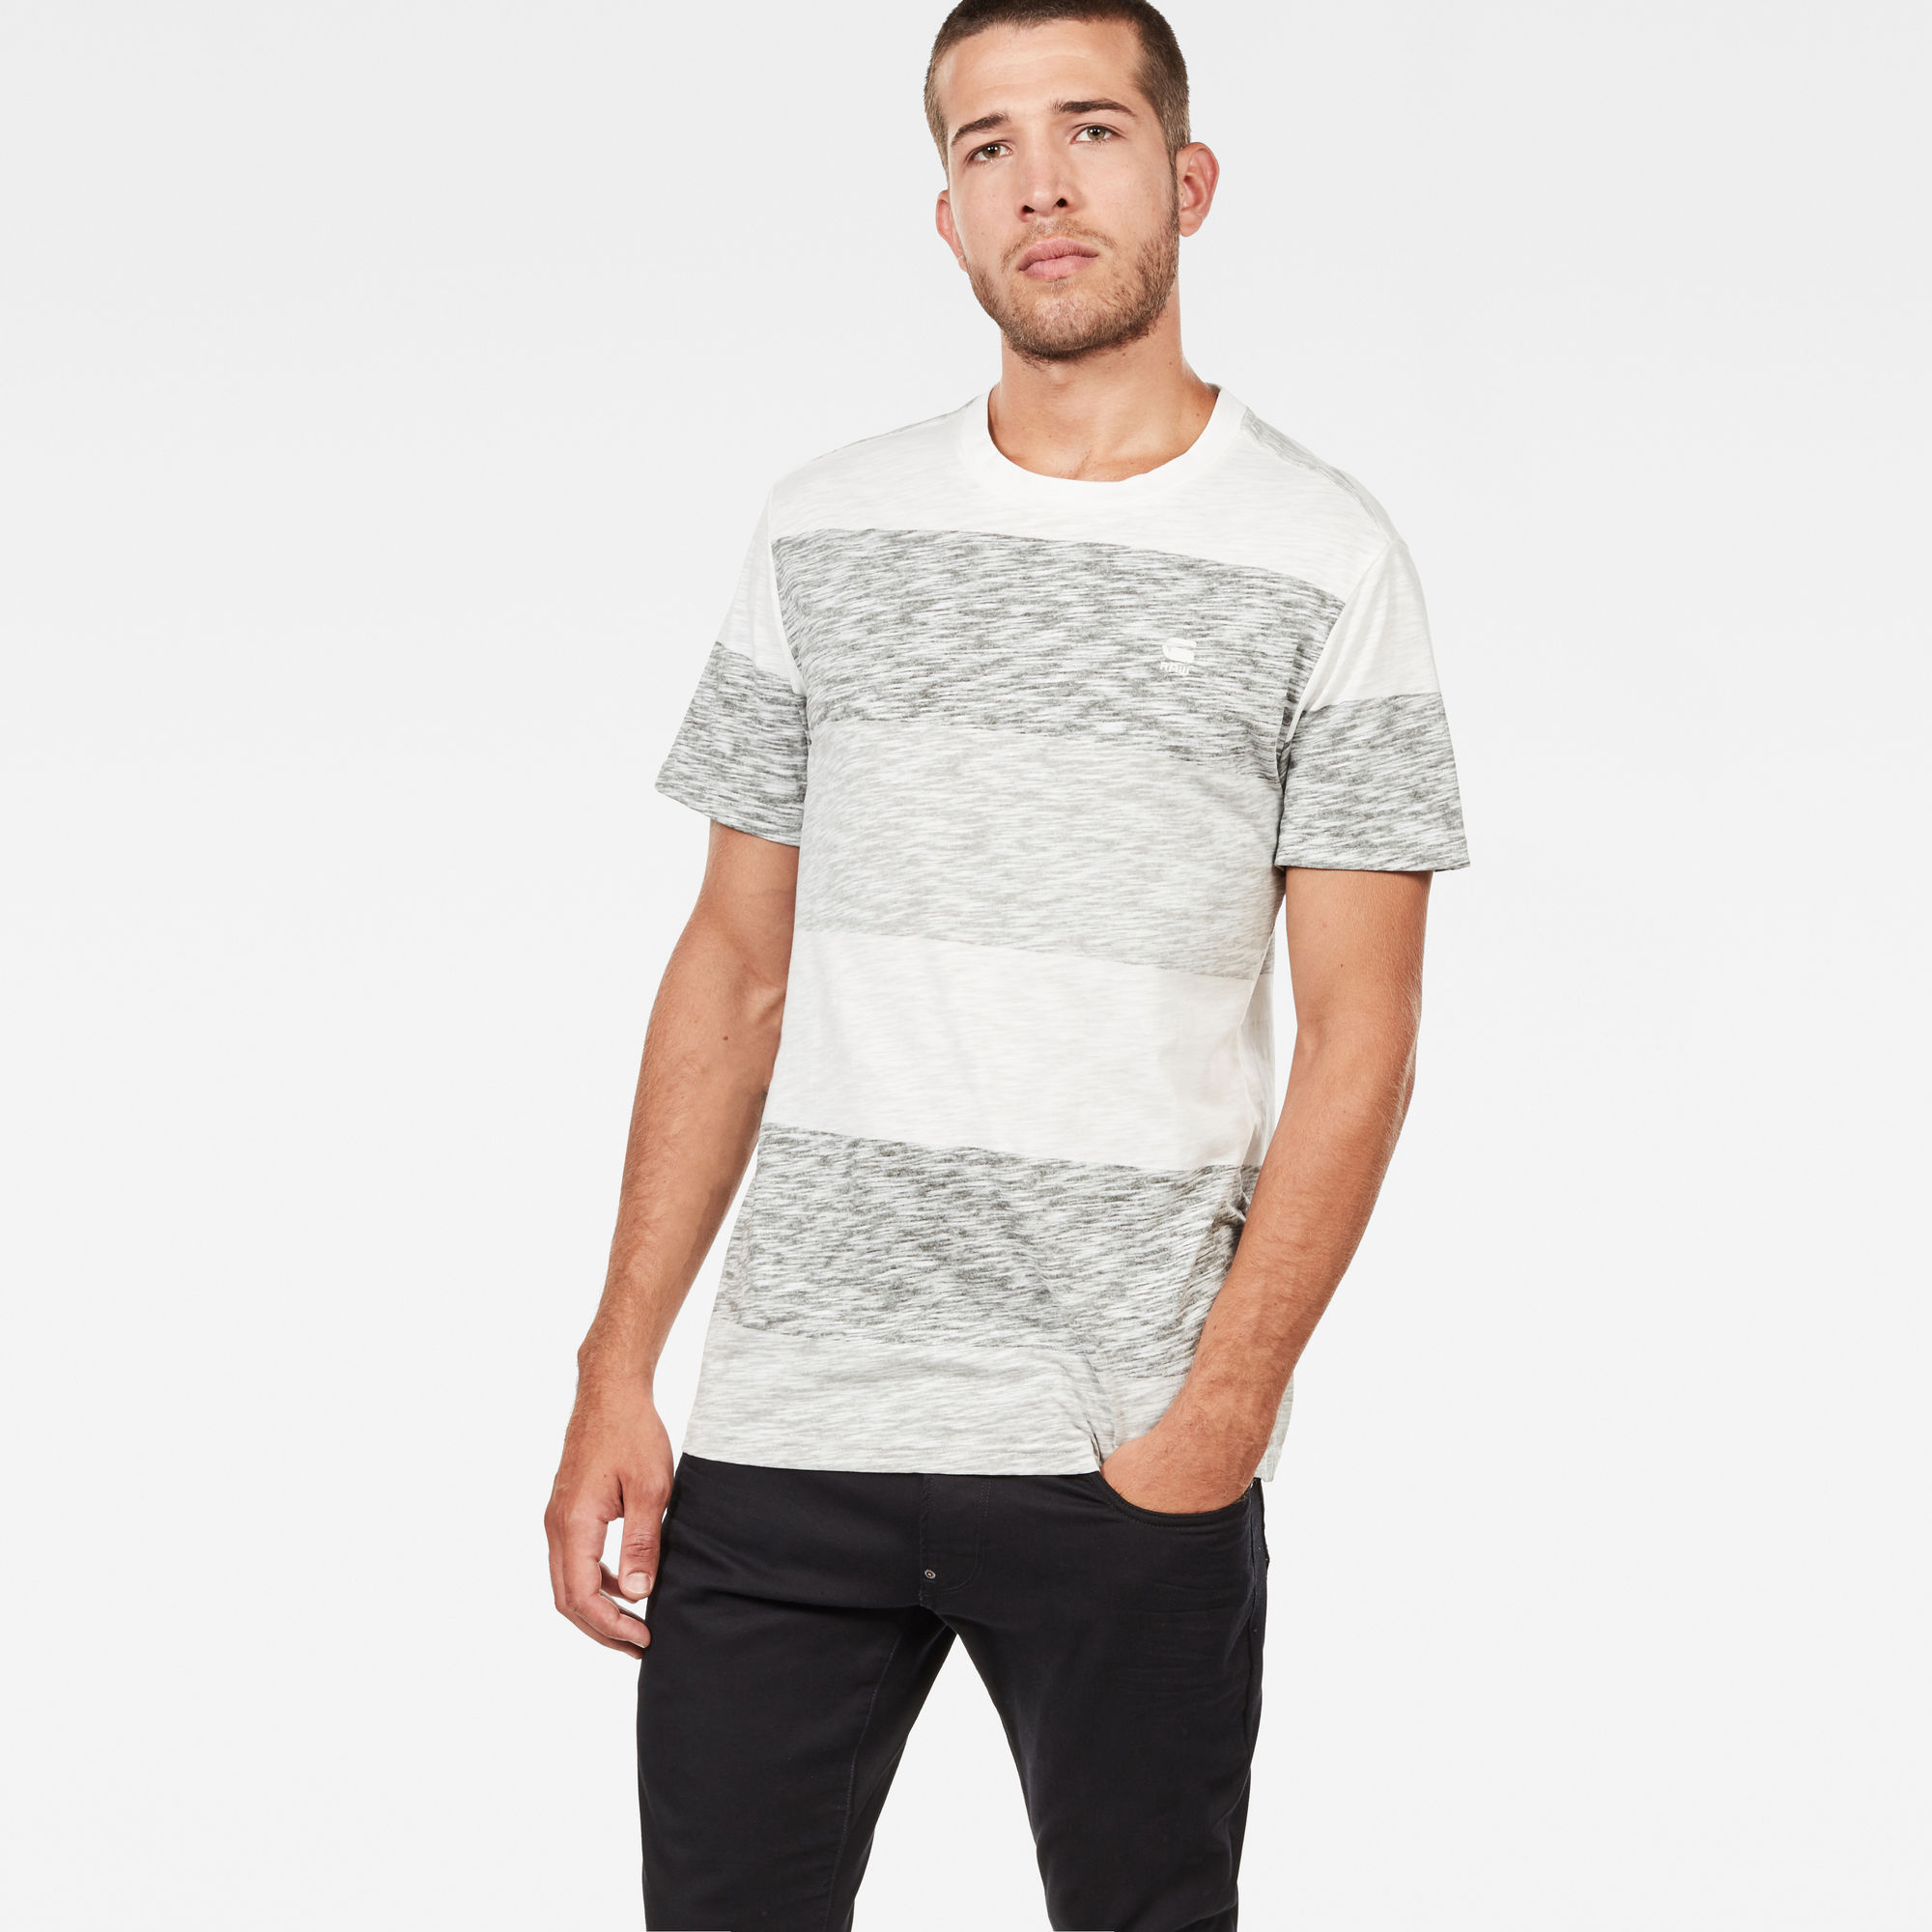 Image of G Star Raw Brallio T-Shirt